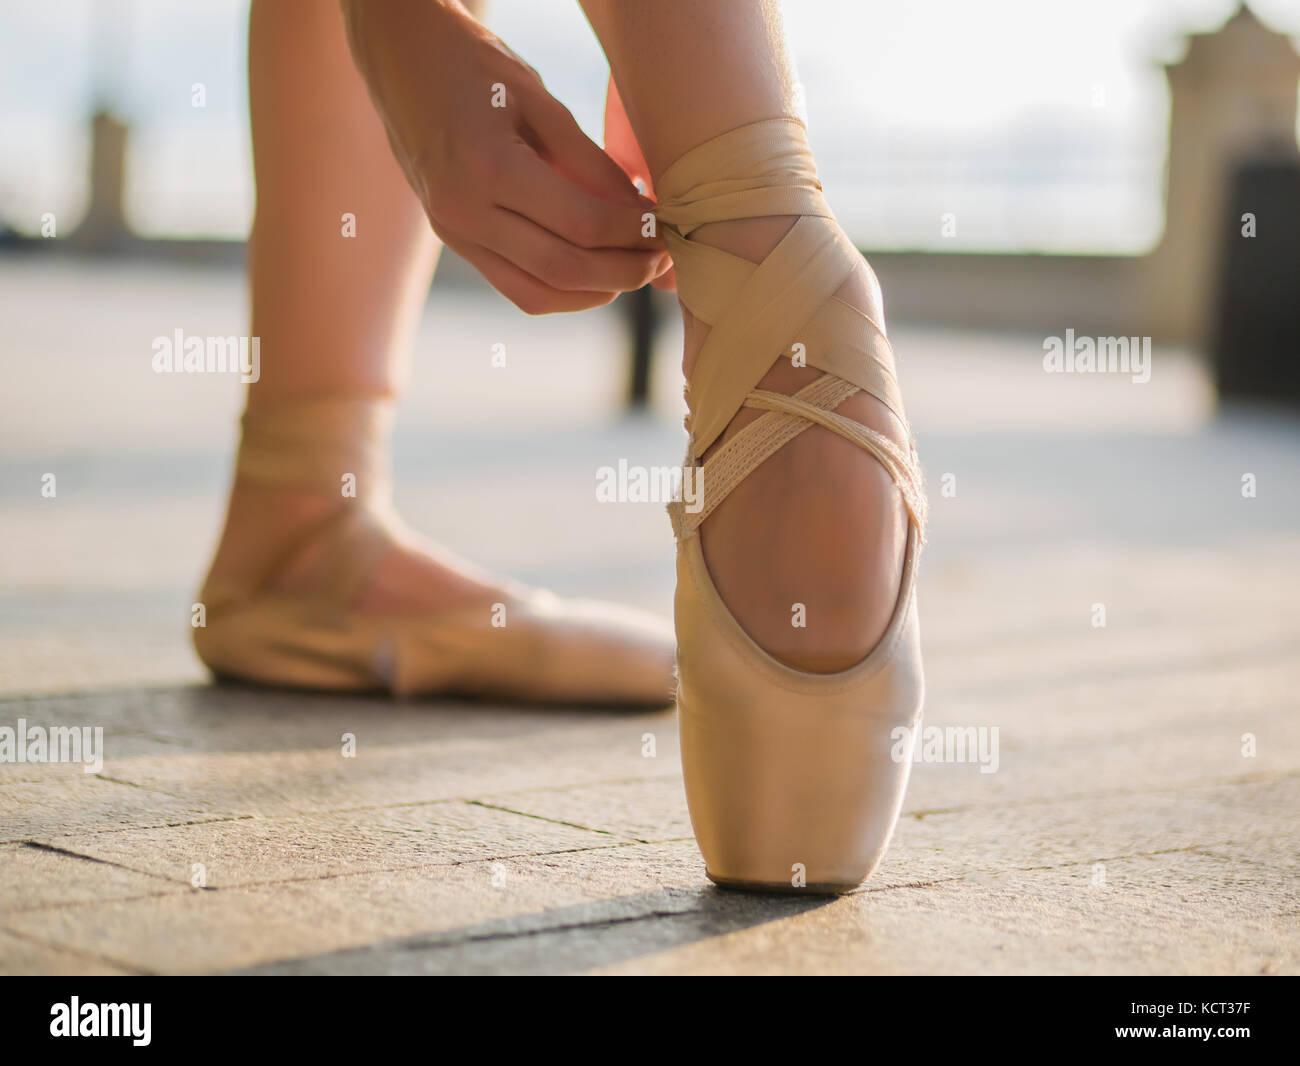 Di Pratiche I Pointe Ella Come In Ballerina Piedi Una Prossimità 5wIRFqa